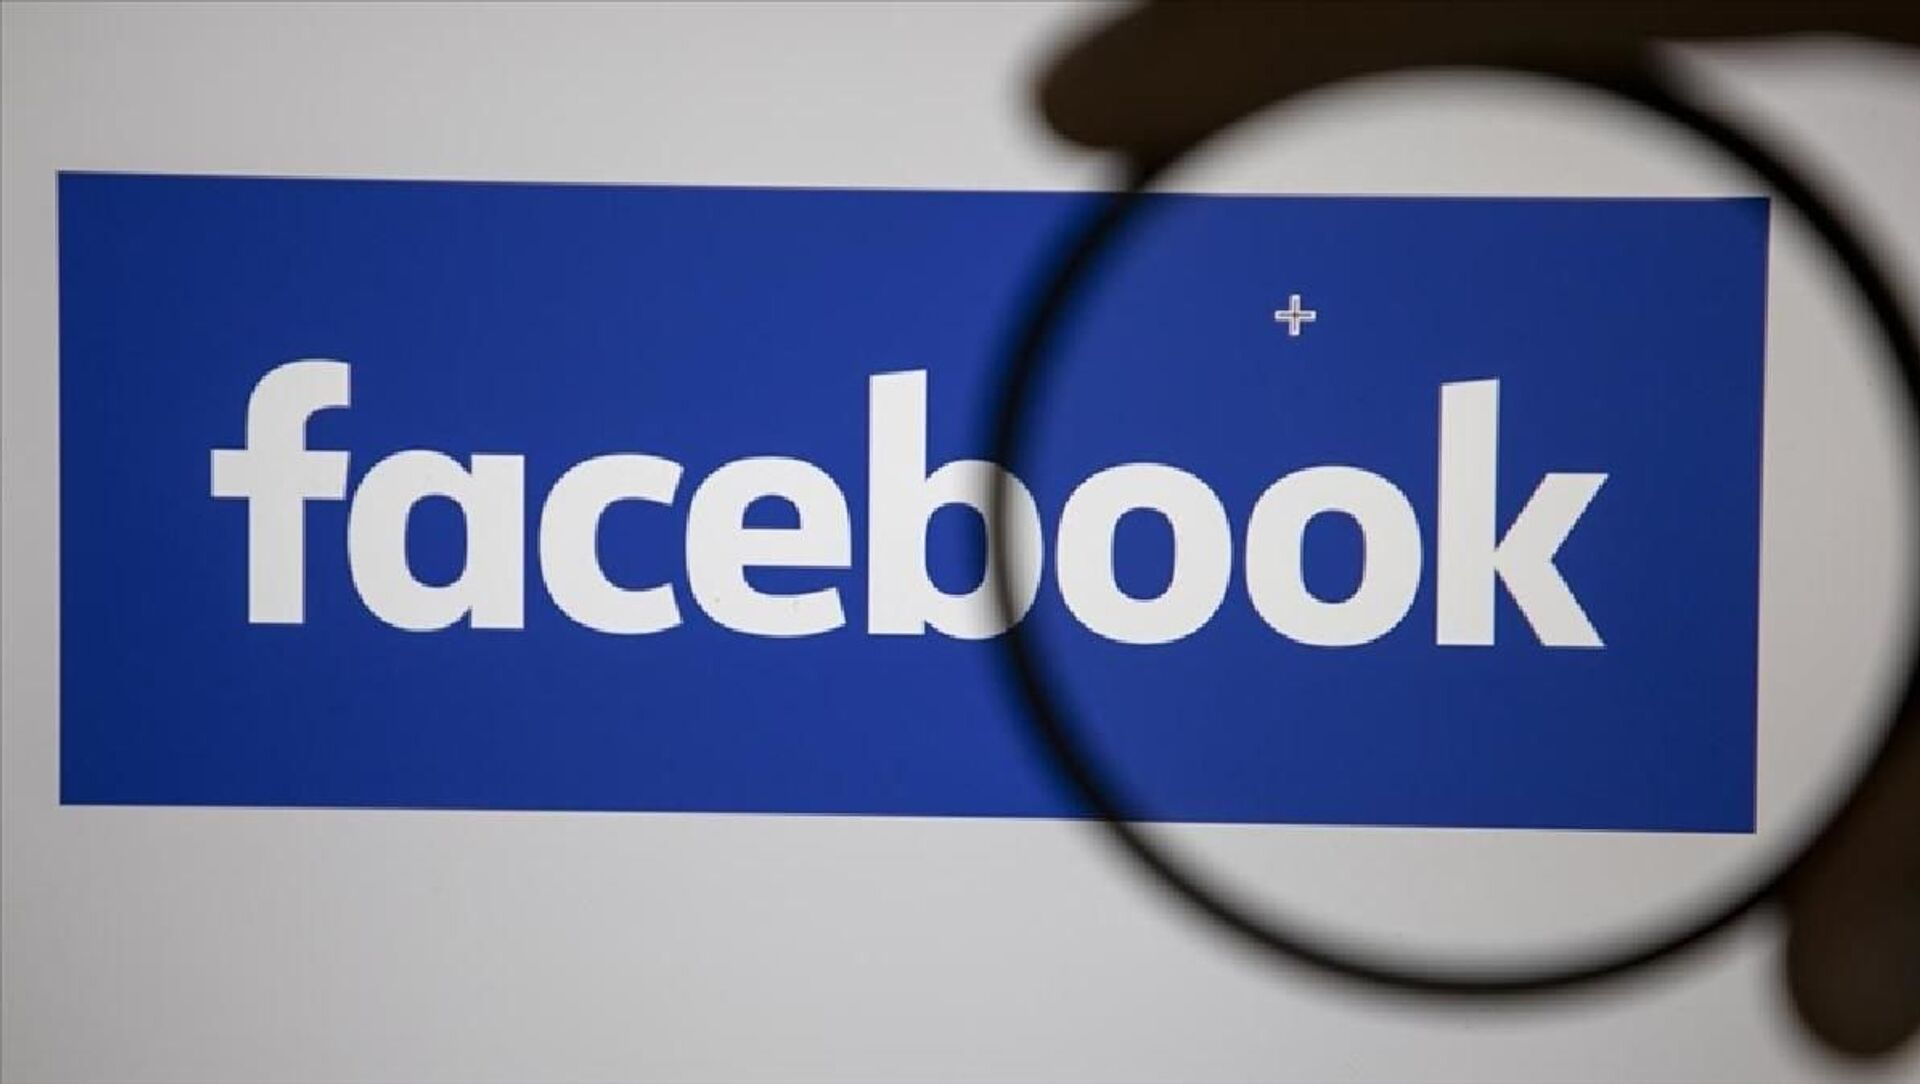 Facebook, Facebook inceleme, Facebook yasak - Sputnik Türkiye, 1920, 09.02.2021